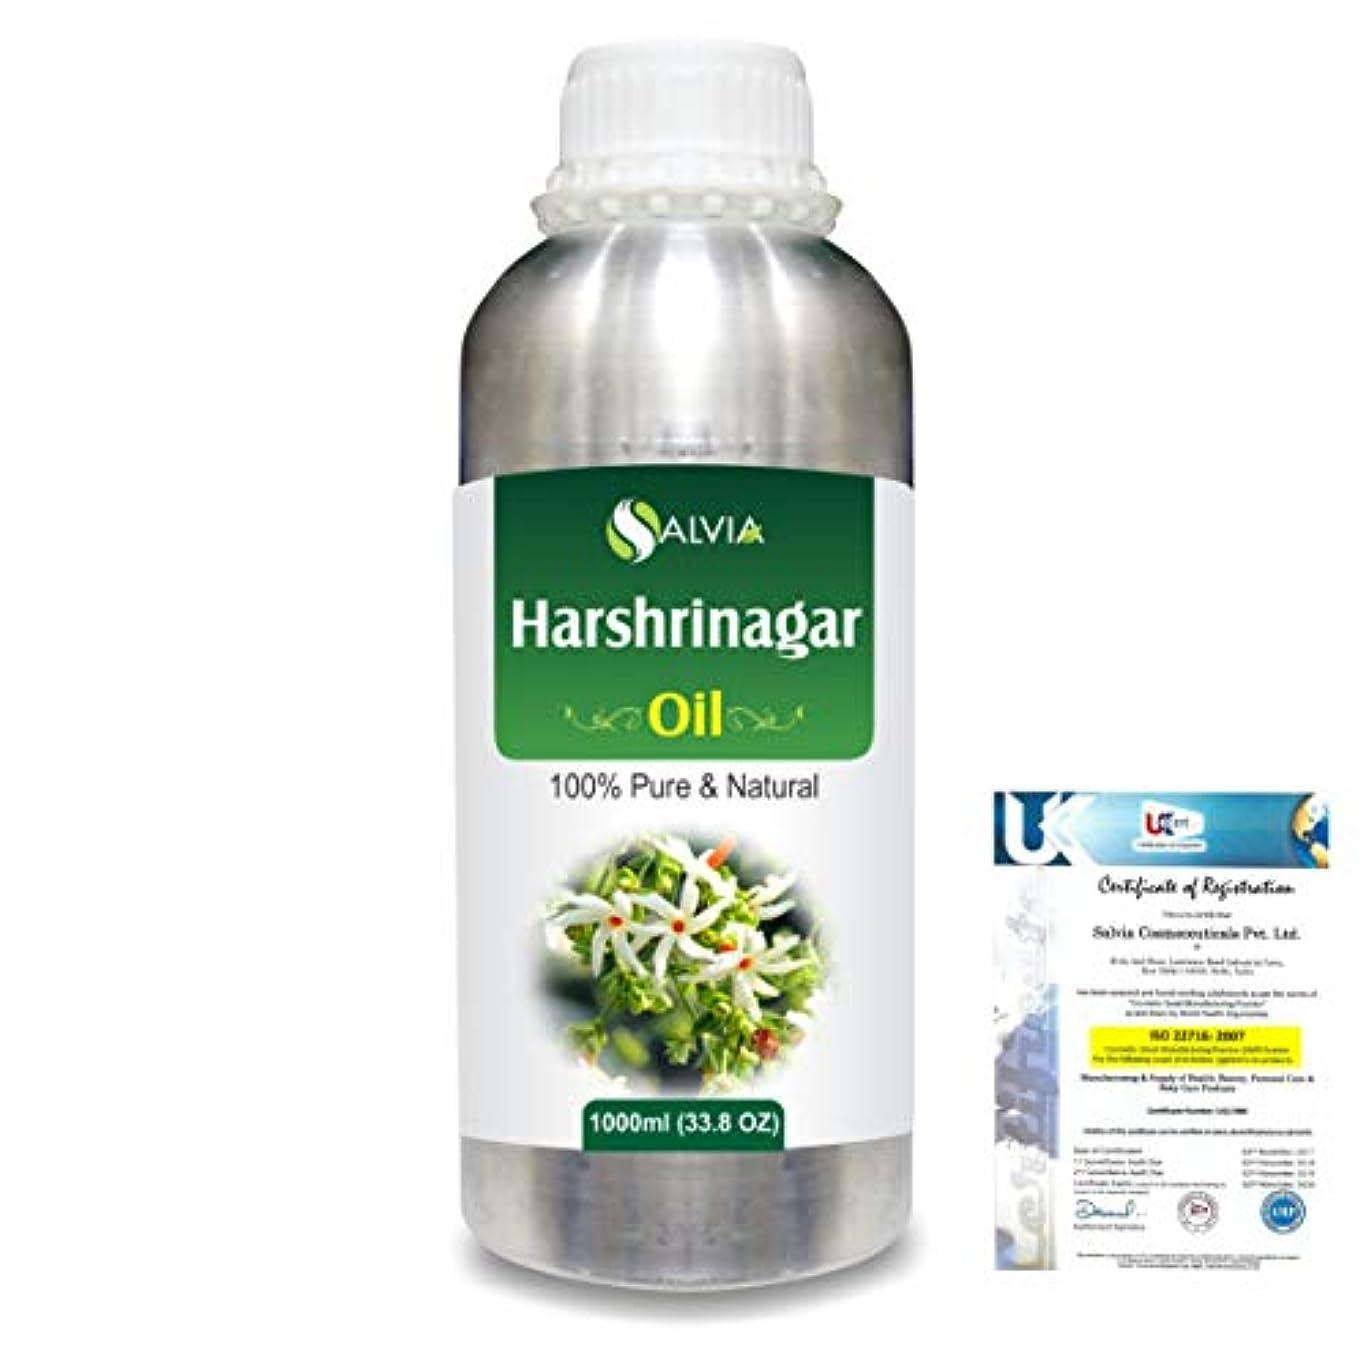 ポンド売る散らすHarshringar (Nyctanthes arbor-tristis) 100% Natural Pure Essential Oil 1000ml/33.8fl.oz.